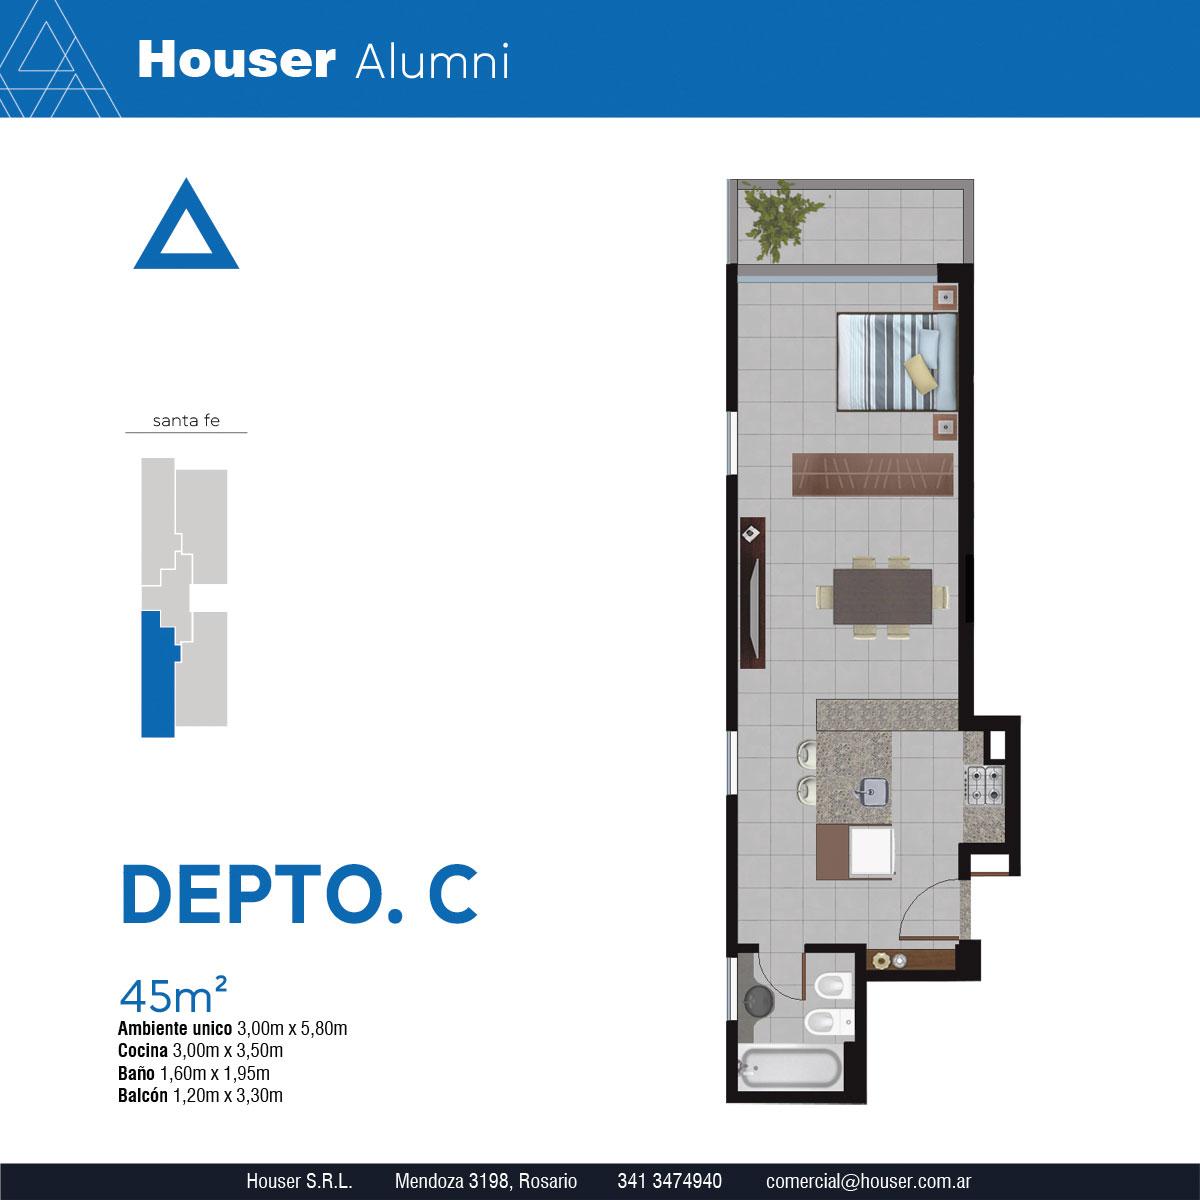 Plantas Houser Alumni - Departamento C